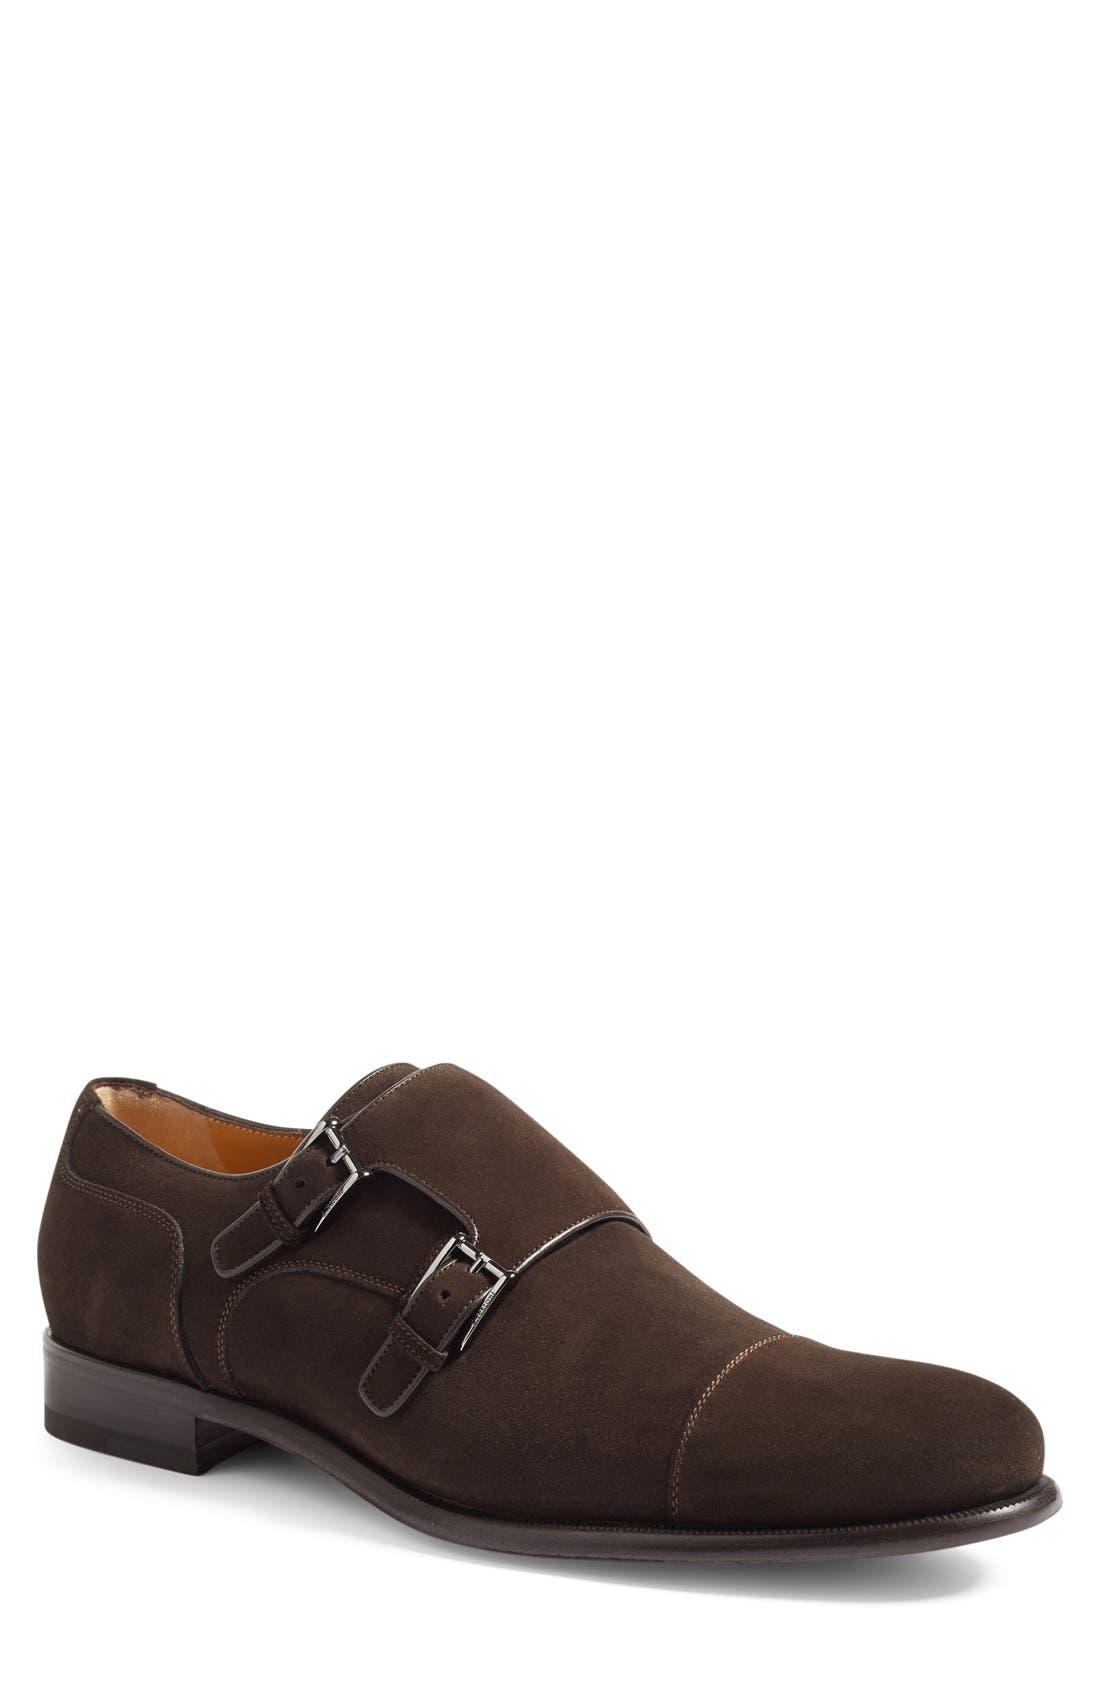 Double Monk Strap Shoe,                         Main,                         color, Dark Brown Suede